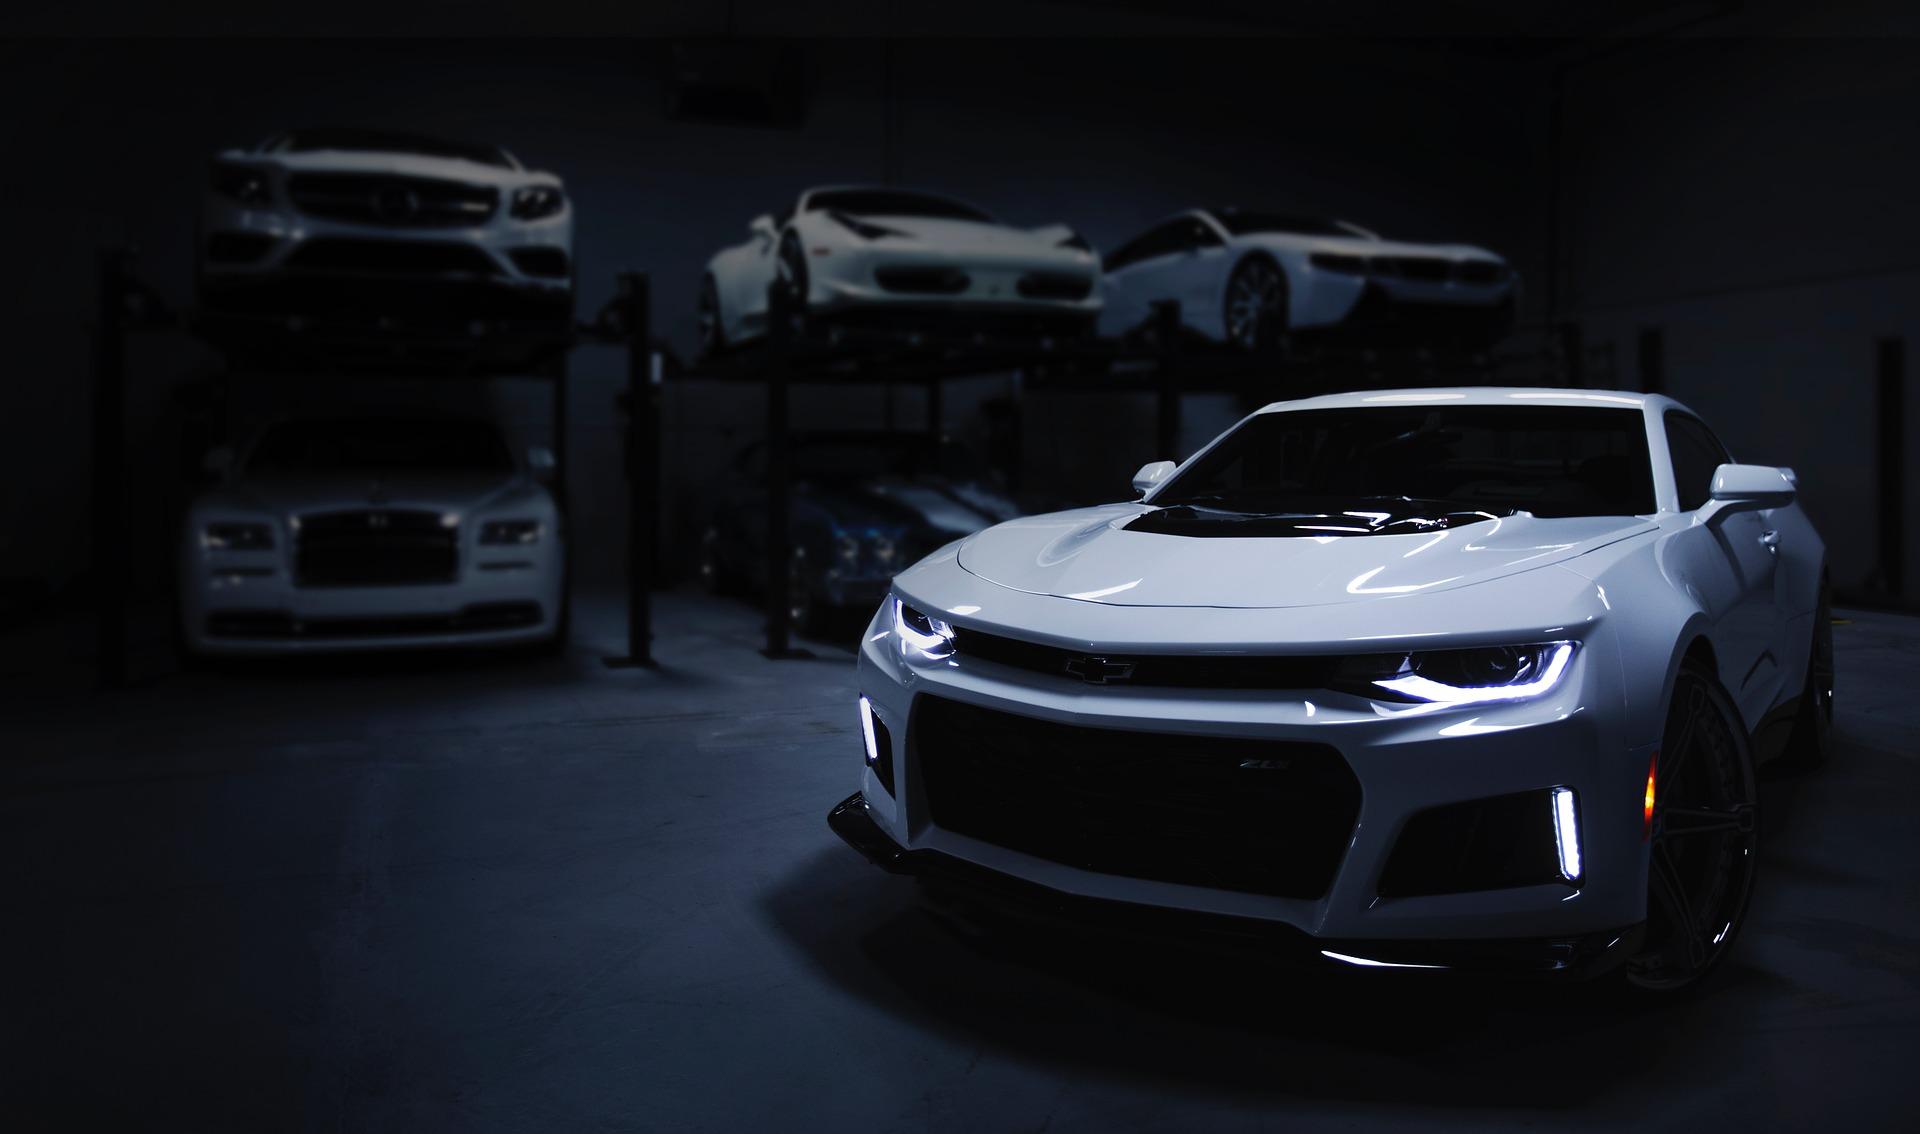 Car, Garage, Dark, Auto, Workshop, Maintenance, VehicleCar Garage Dark Auto Workshop Maintenance Vehicle